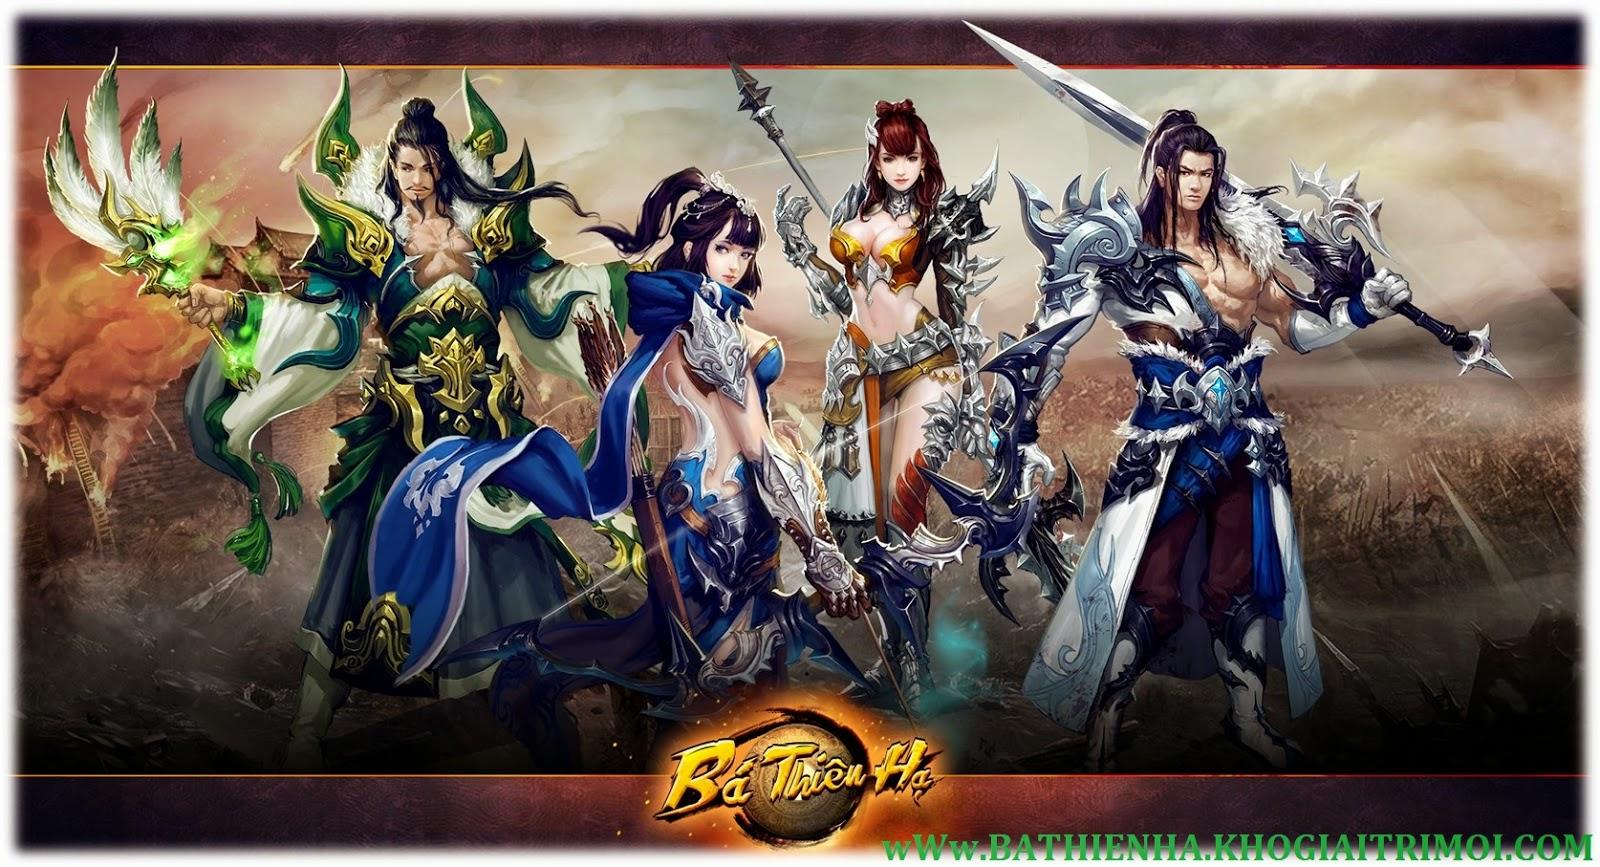 Tải game Bá Thiên Hạ miễn phí về điện thoại Android, iOS